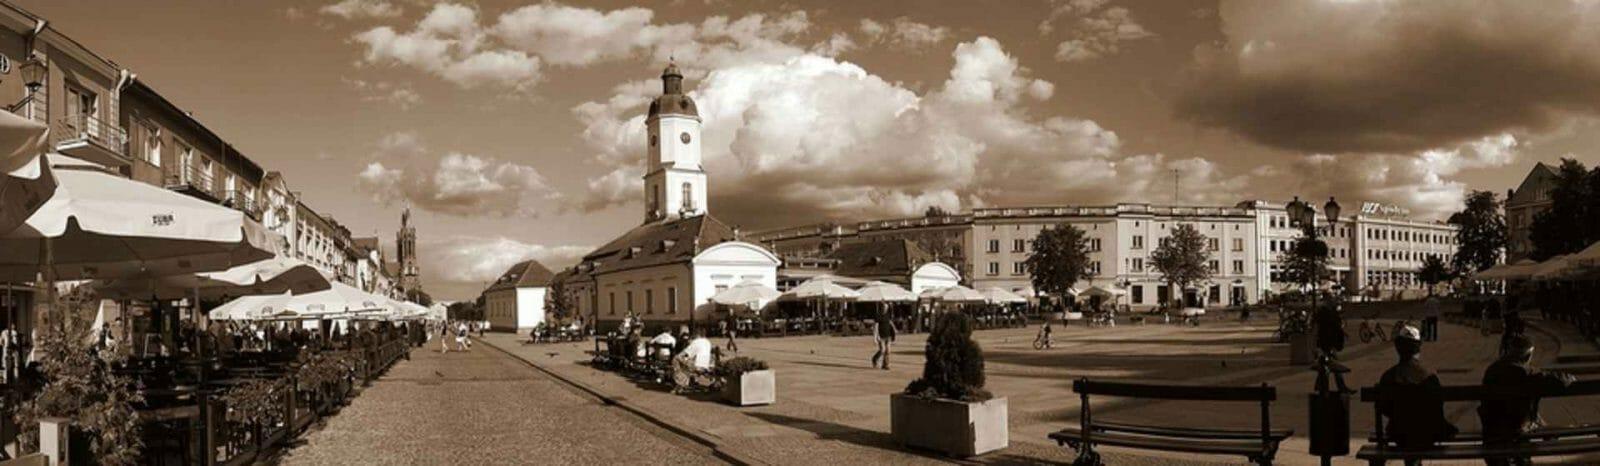 odzyskiwanie danych białystok dubois 10 Odzyskiwanie danych Białystok Dubois 10 Bia  ystok Rynek Ko  ciuszki panorama1